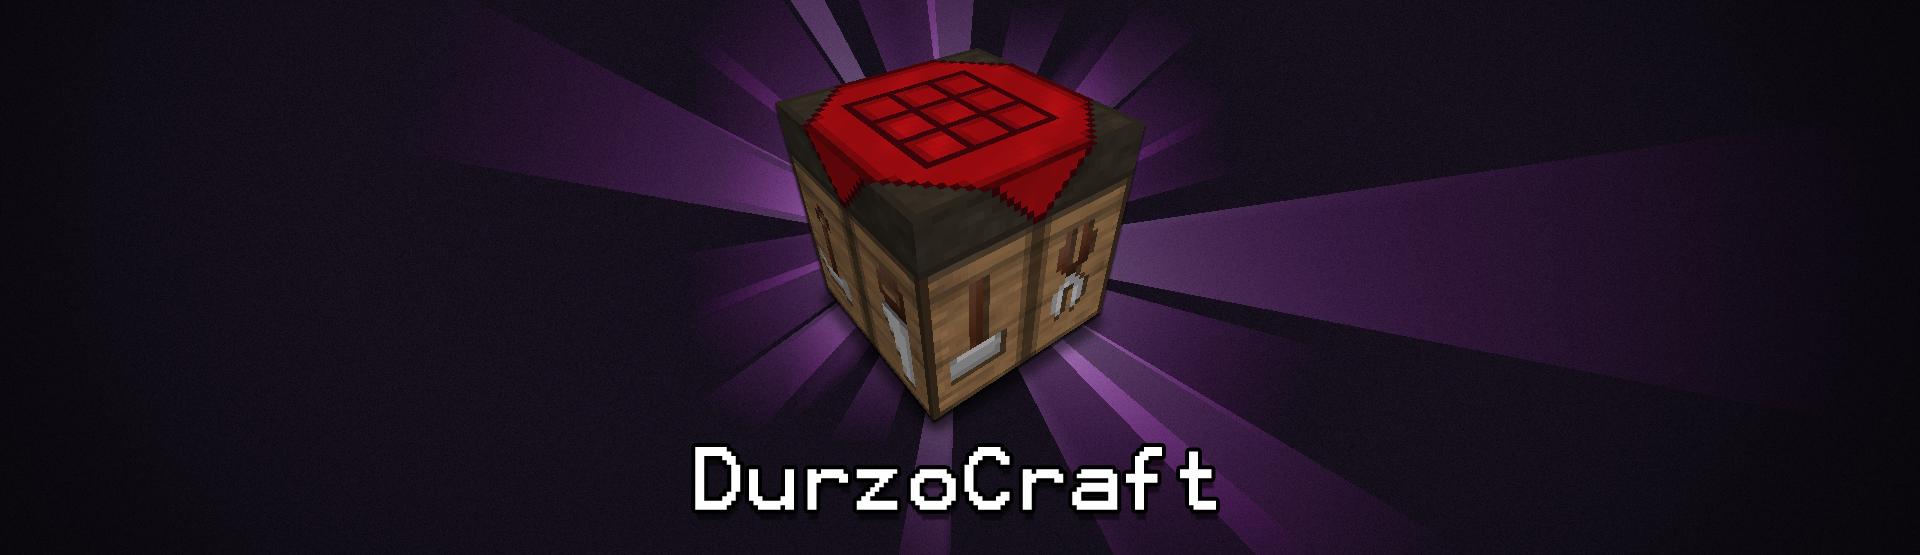 Durzocraft-resource-pack.jpg